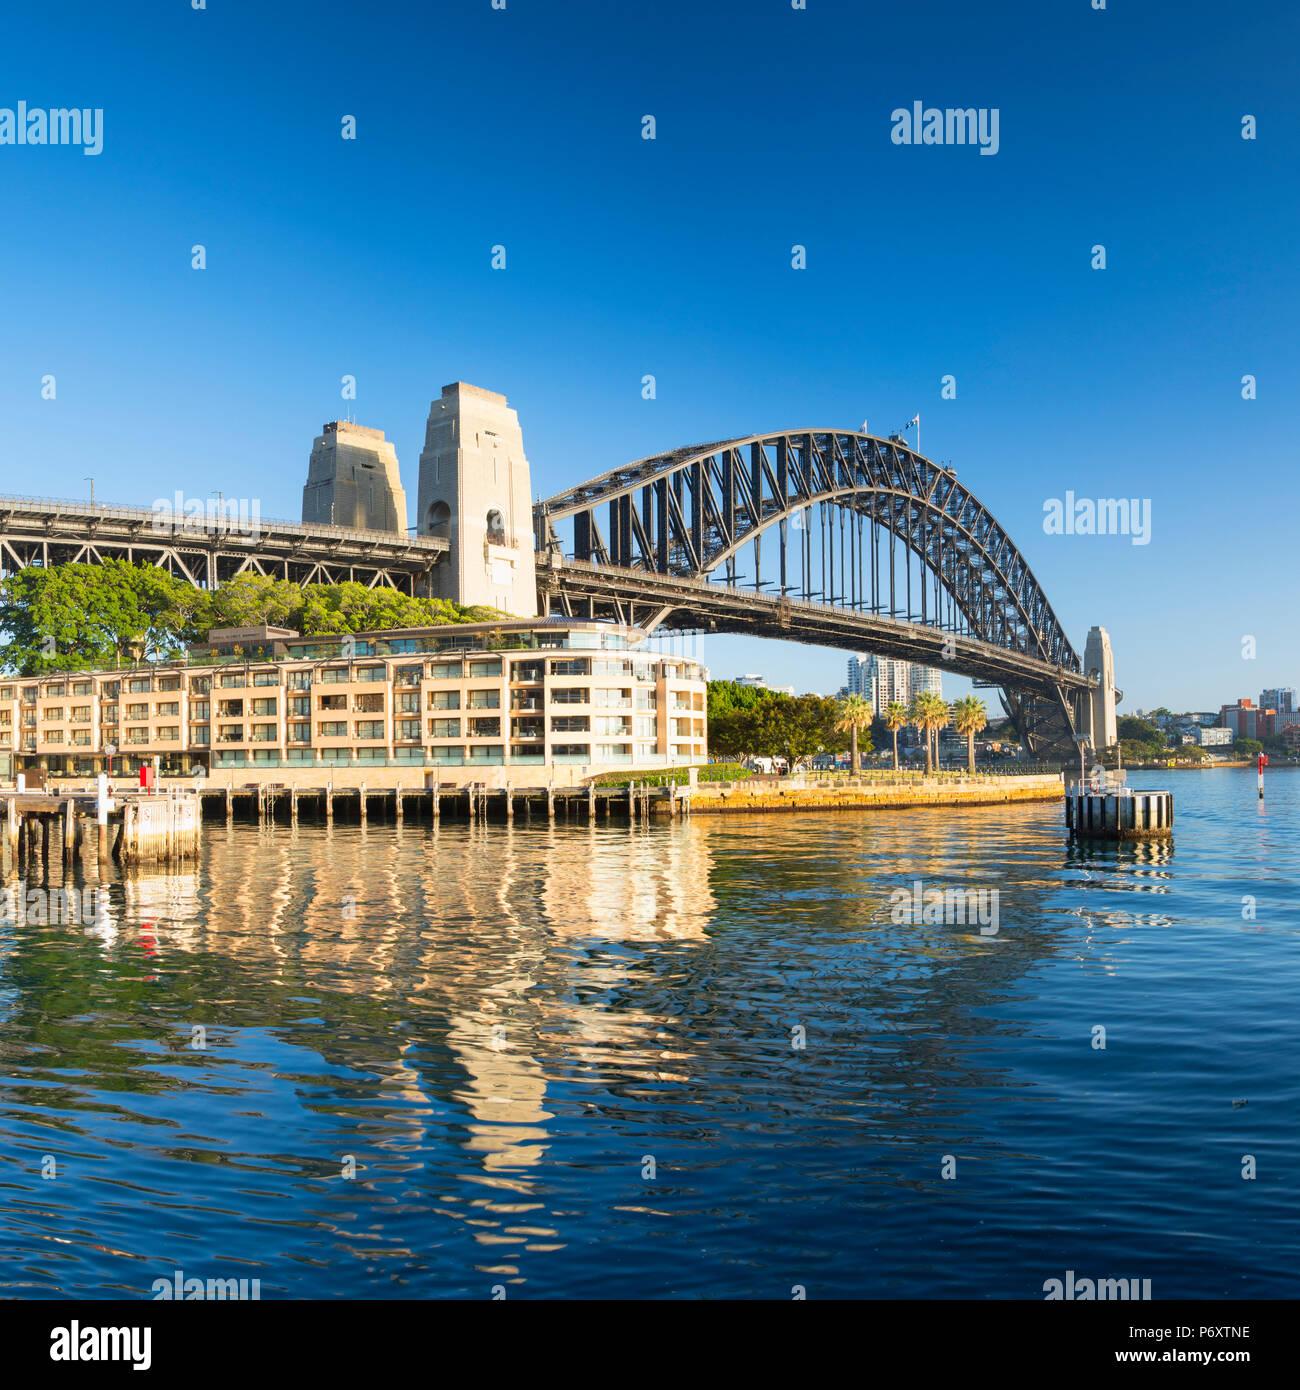 Sydney Harbour Bridge, Sydney, New South Wales, Australia Banque D'Images